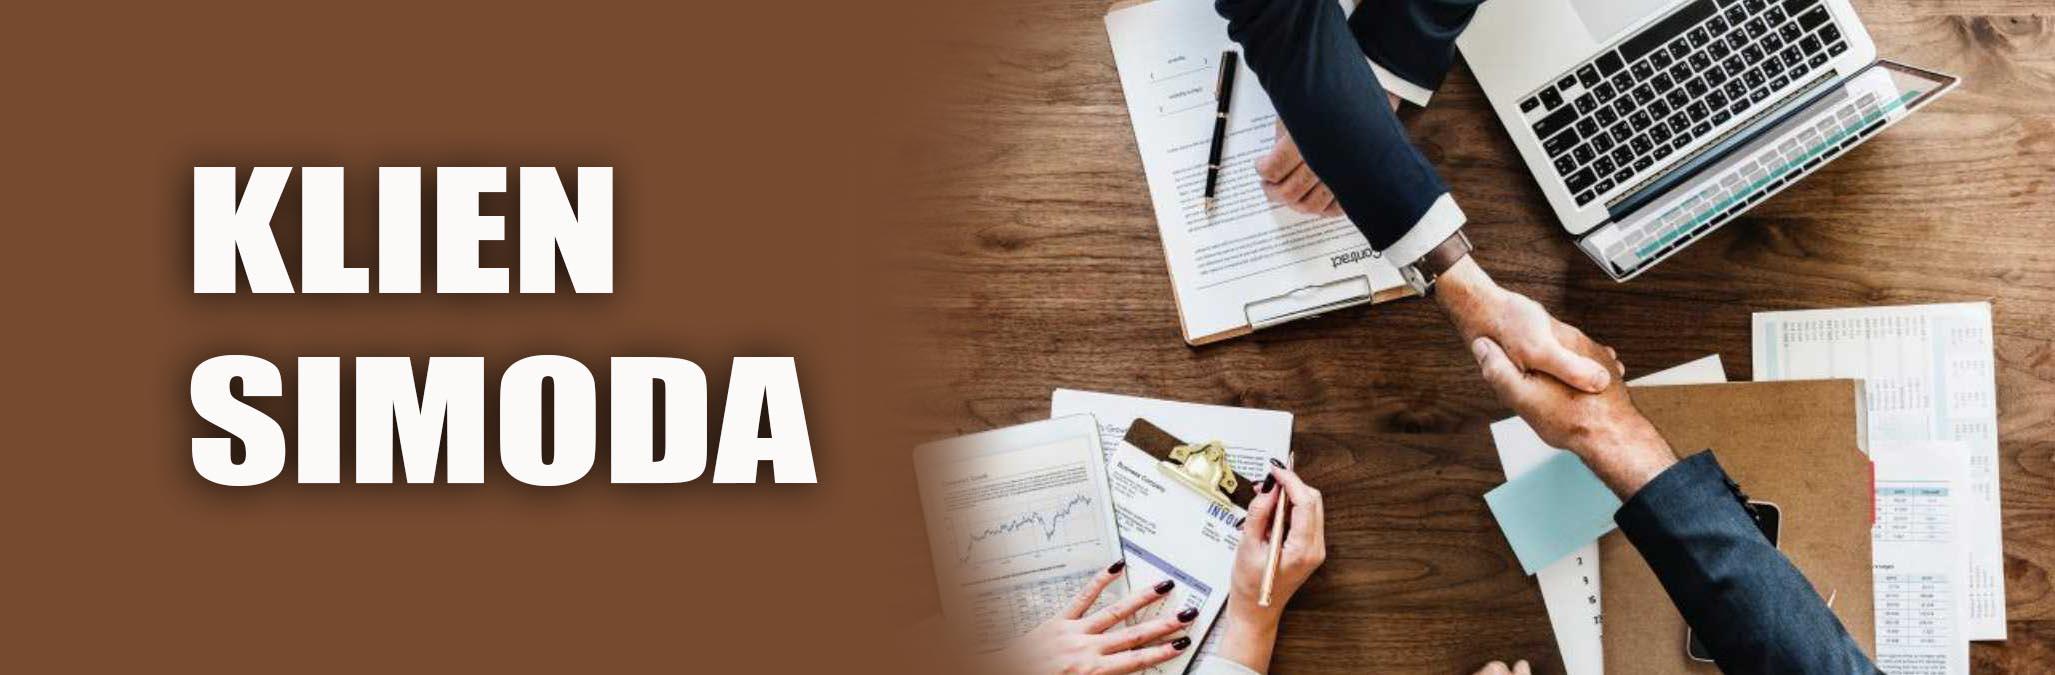 Cara Mudah Menjadi Klien Simoda